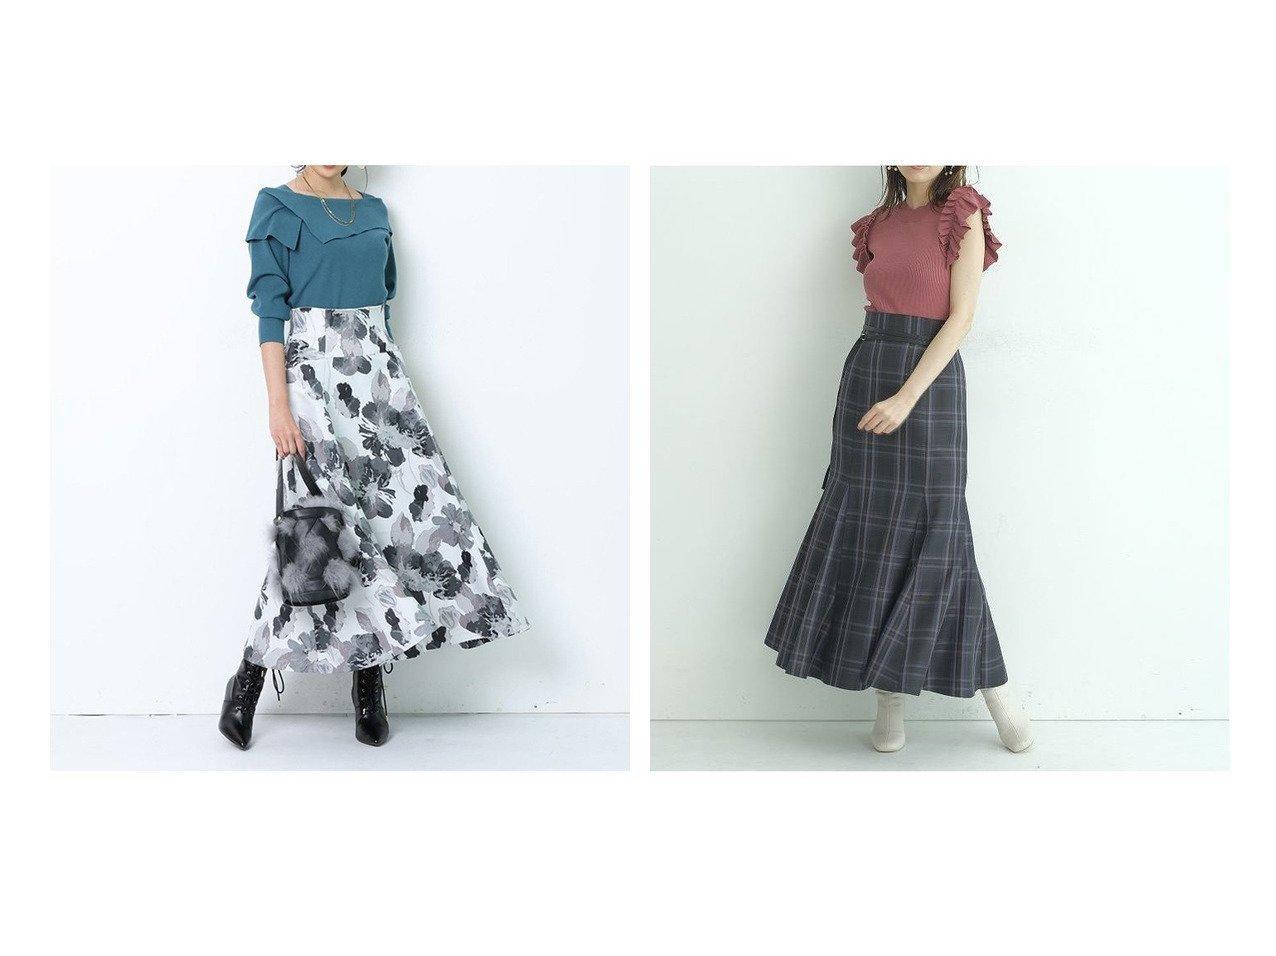 【JUSGLITTY/ジャスグリッティー】のフラワージャガードスカート&【Mystrada/マイストラーダ】のチェックマーメイドスカート 【スカート】おすすめ!人気、トレンド・レディースファッションの通販 おすすめで人気の流行・トレンド、ファッションの通販商品 インテリア・家具・メンズファッション・キッズファッション・レディースファッション・服の通販 founy(ファニー) https://founy.com/ ファッション Fashion レディースファッション WOMEN スカート Skirt Aライン/フレアスカート Flared A-Line Skirts NEW・新作・新着・新入荷 New Arrivals エレガント ギャザー ジャカード パーティ フラワー フレア スマート チェック フィット マーメイド ロング |ID:crp329100000069609